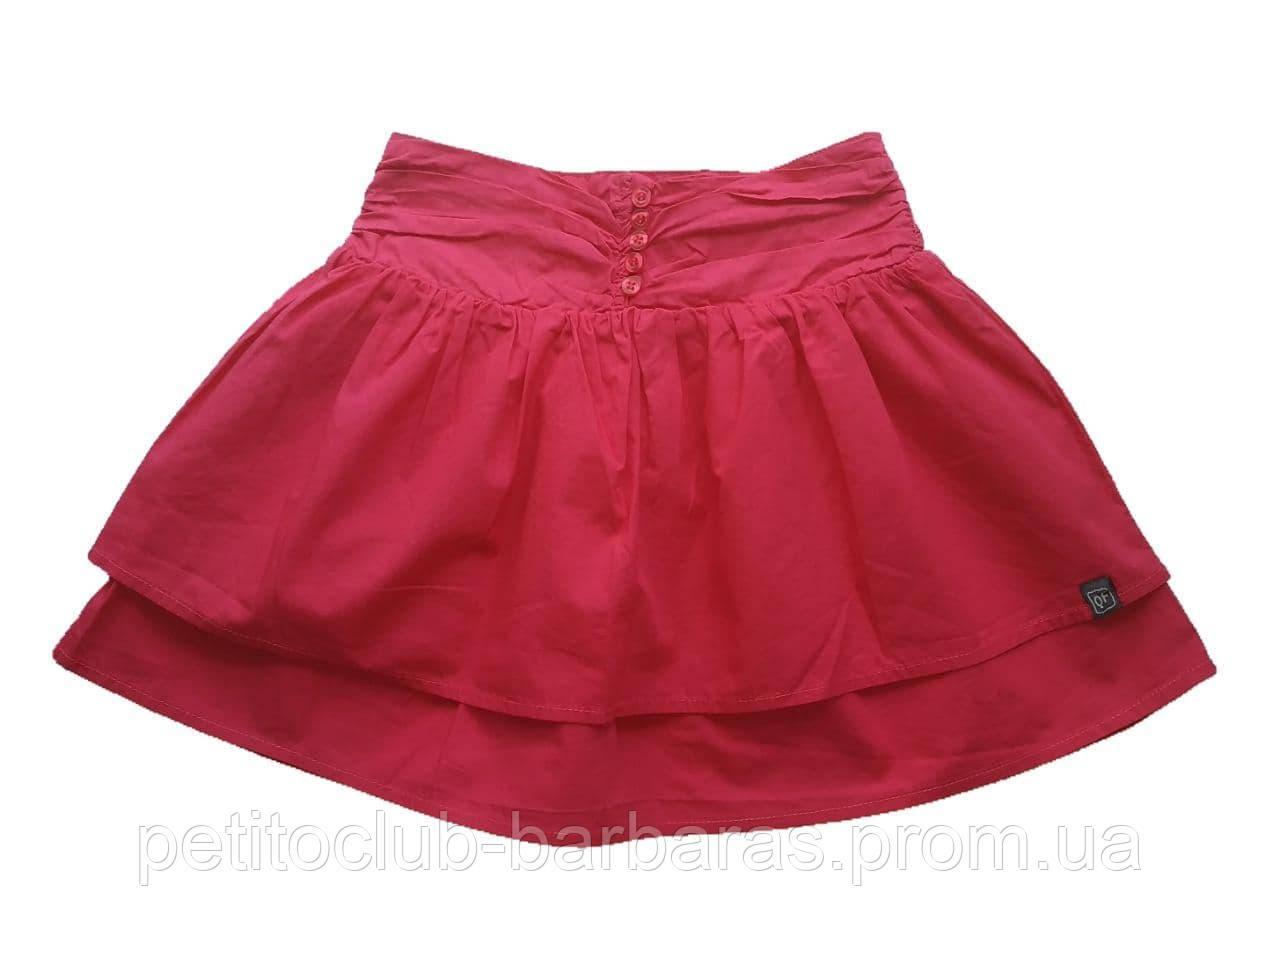 Детская летняя хлопковая юбка малиновая (р. 116,152) (QuadriFoglio, Польша)